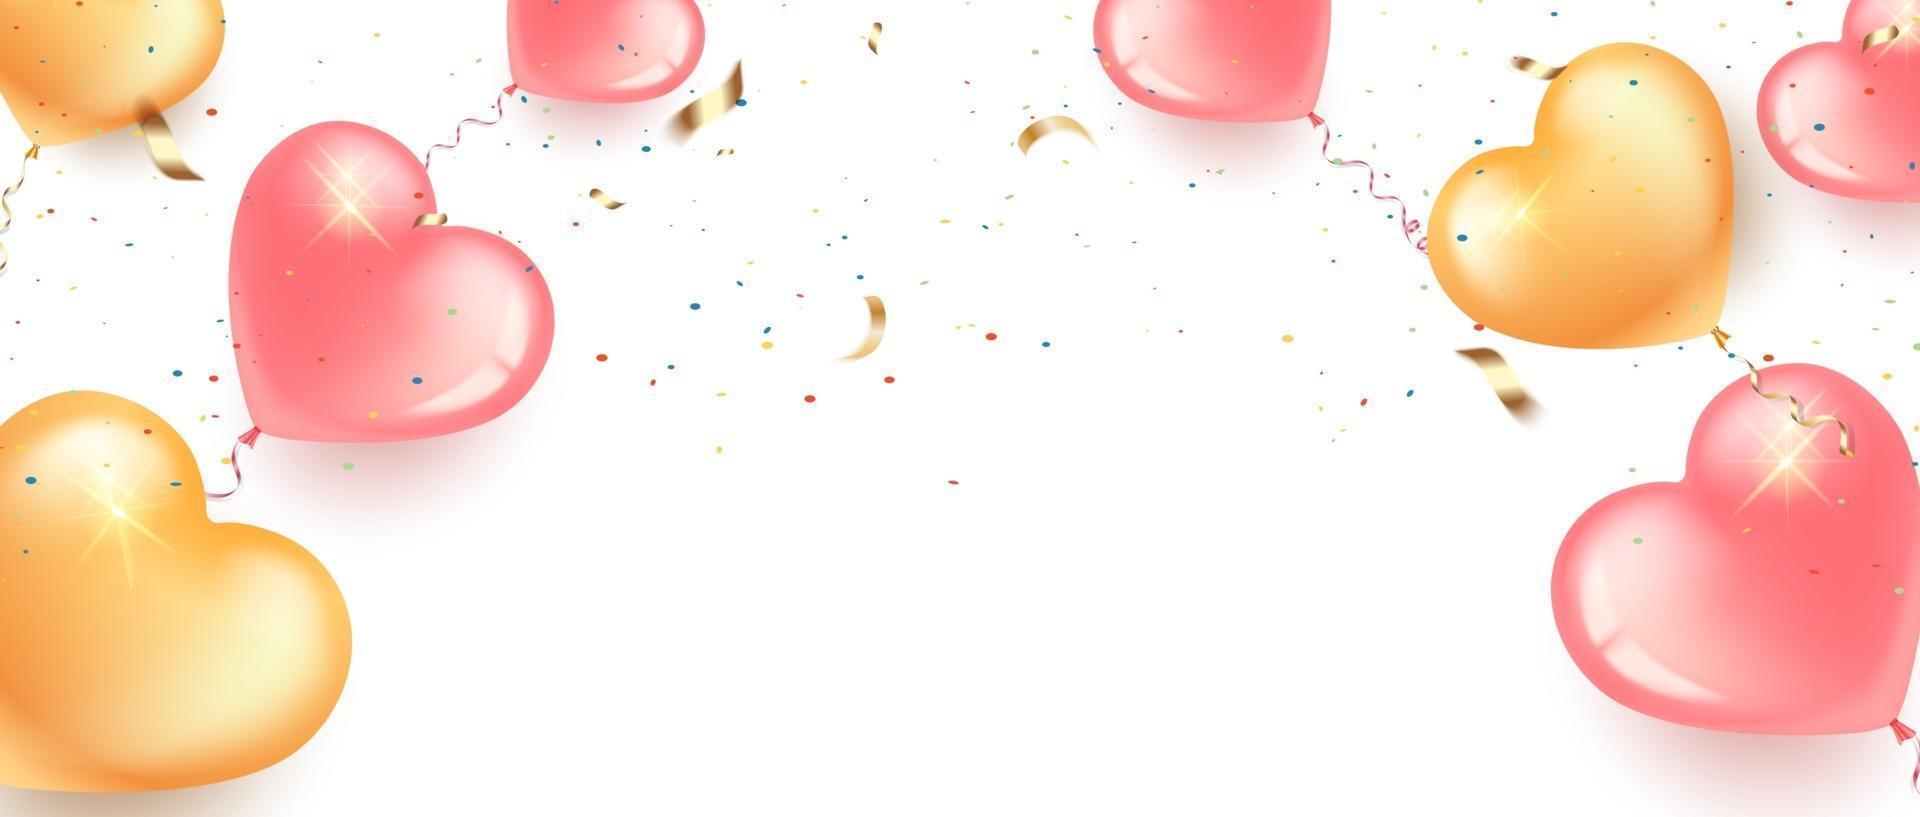 bannière festive avec des ballons coeur rose et or vecteur